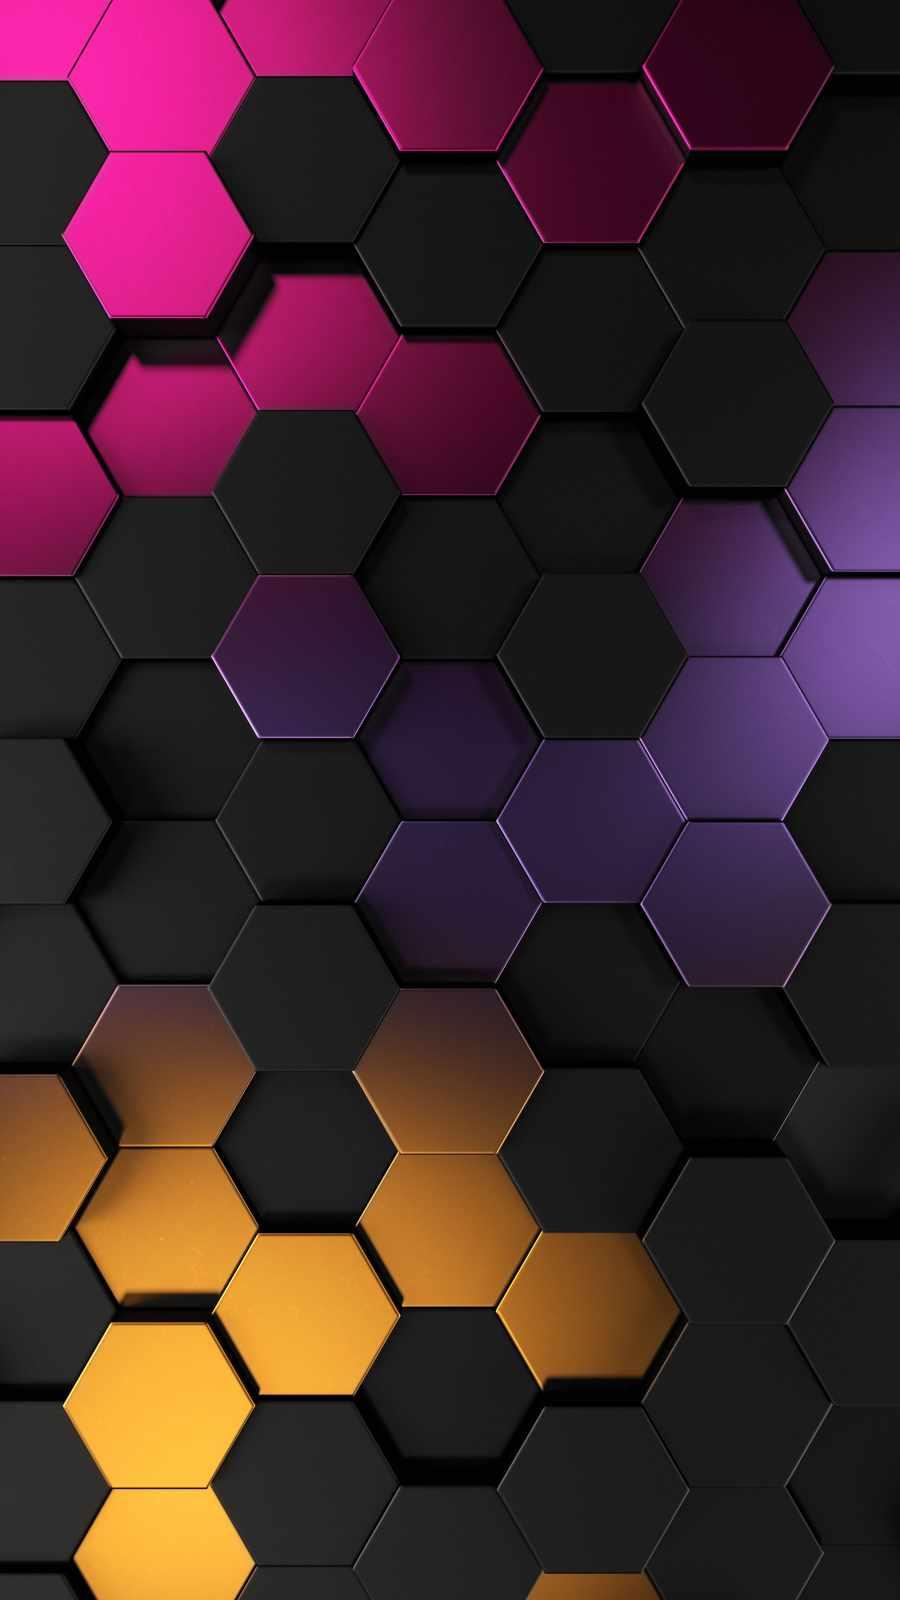 3D Hexagon Metallic Texture